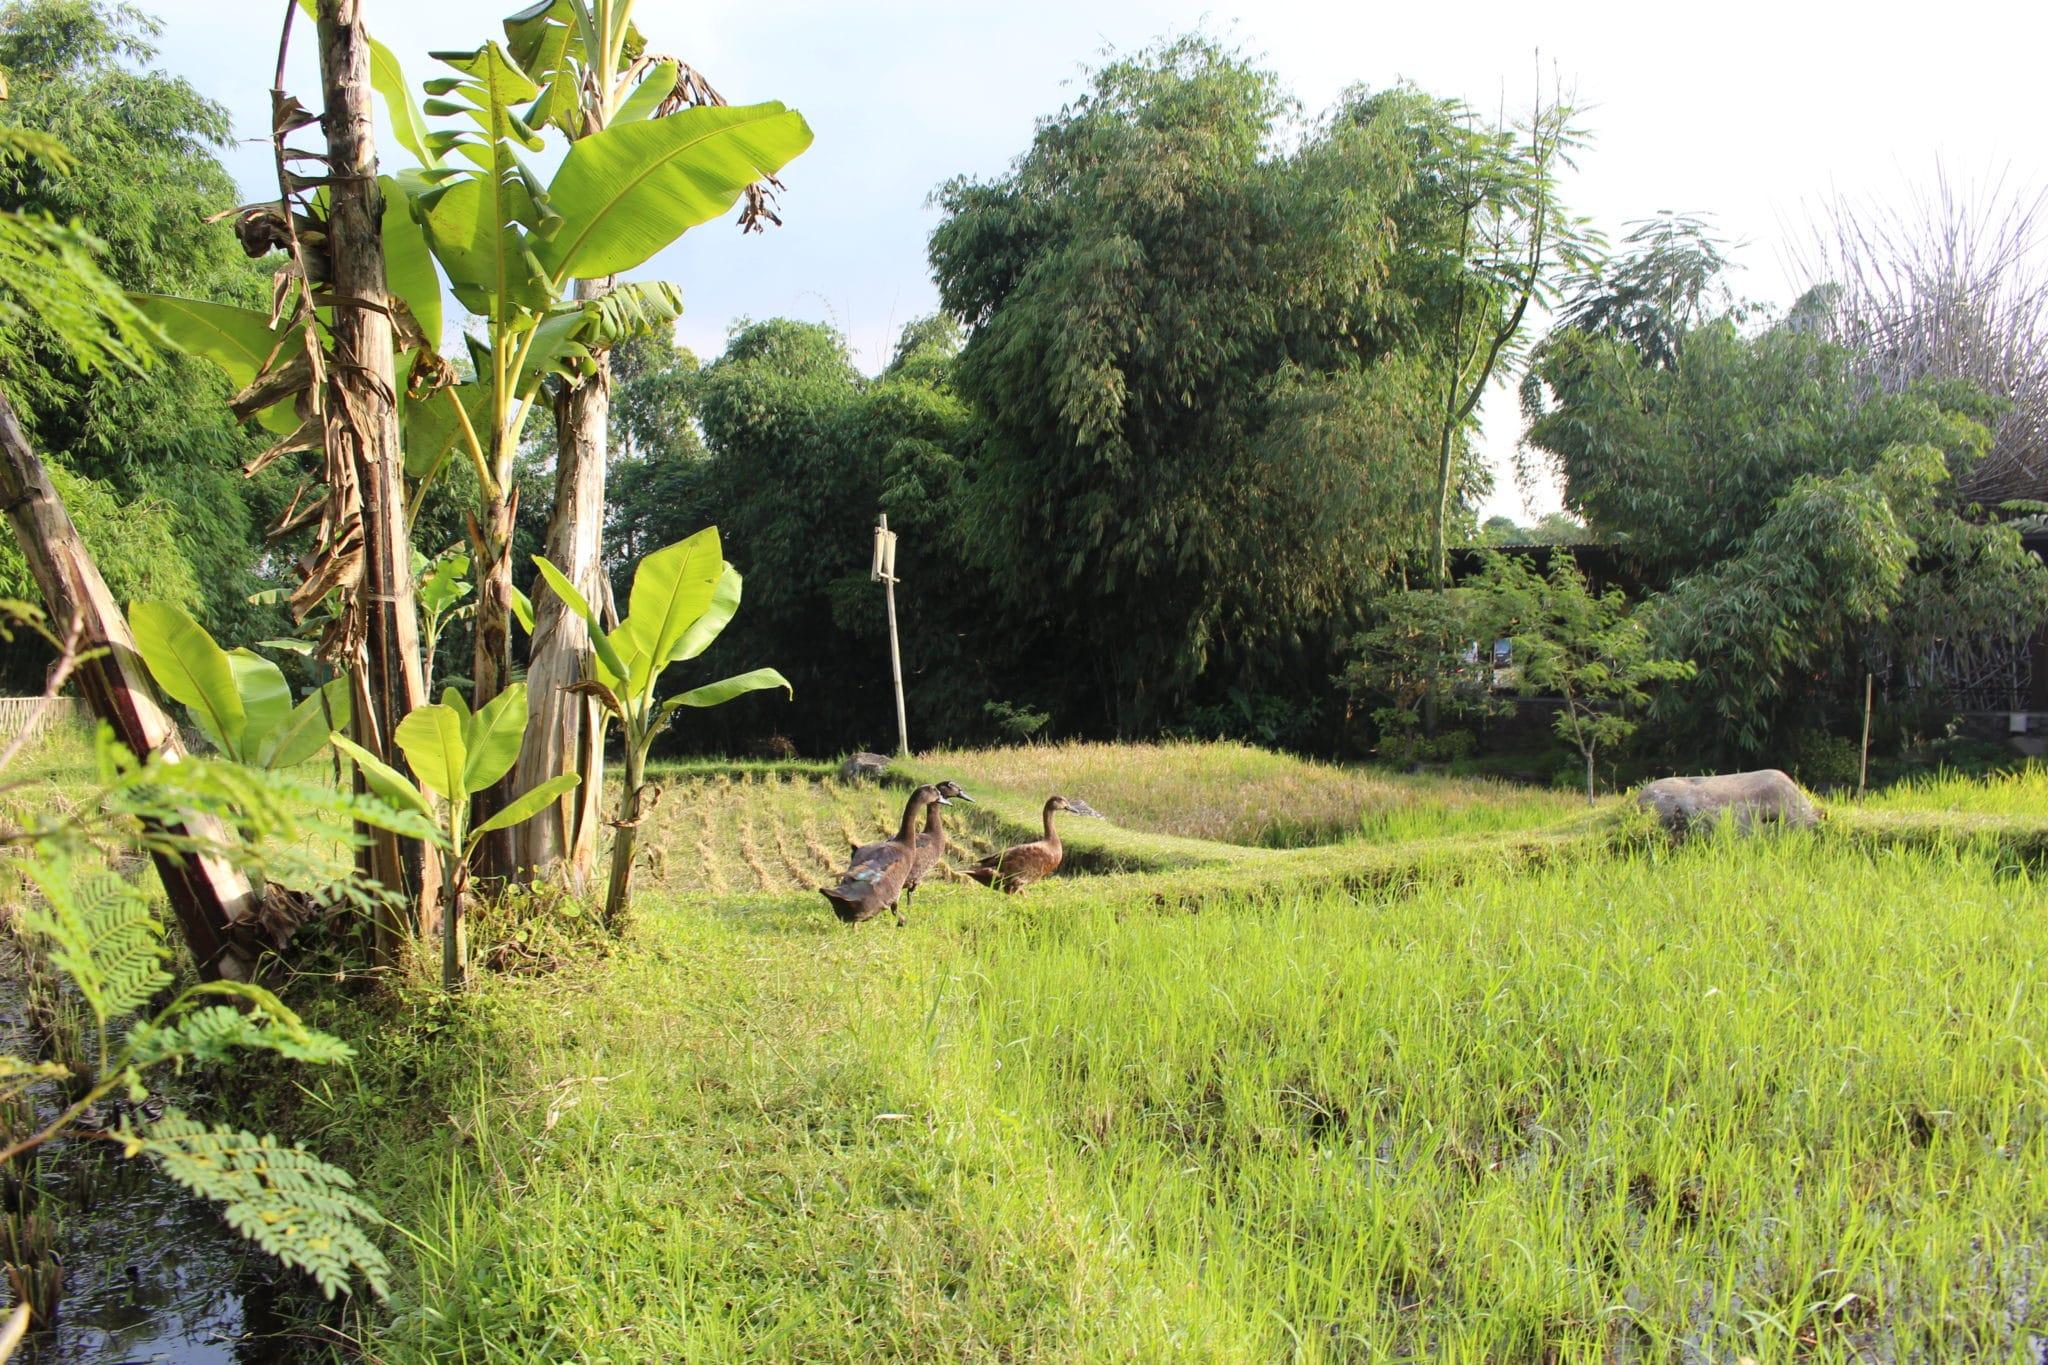 Arredores de Bandung